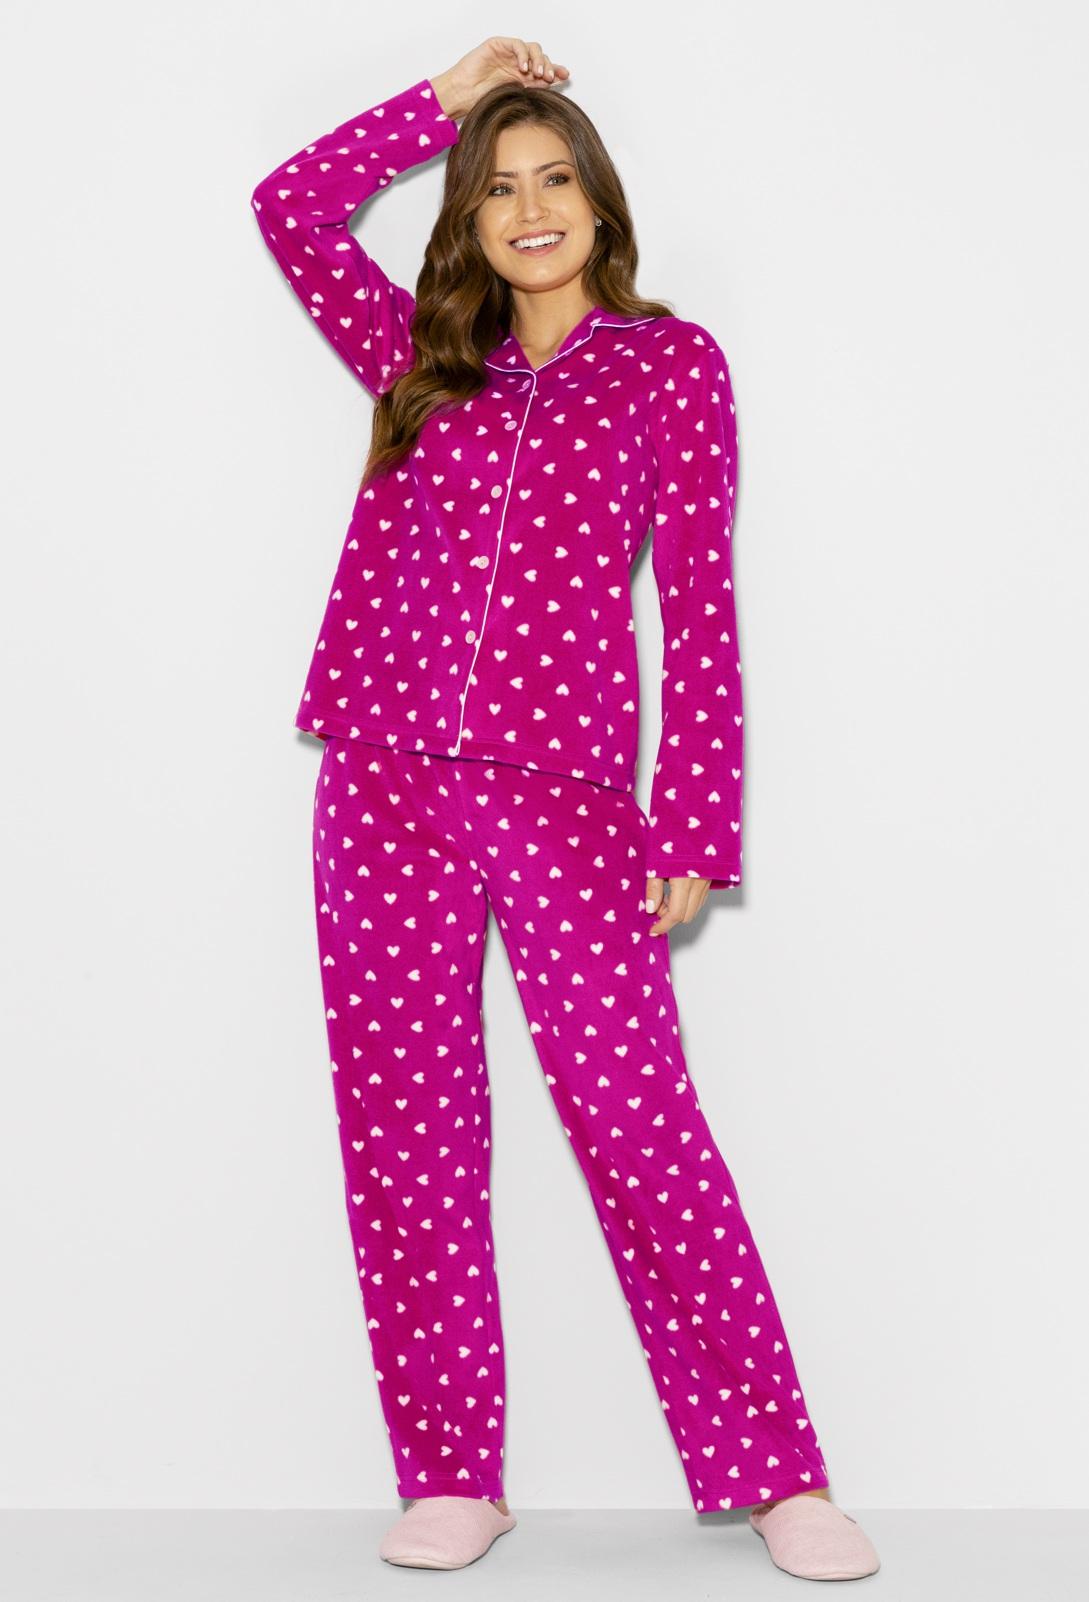 Pijama Manga Longa Botões Soft Pink Hearts Any Any